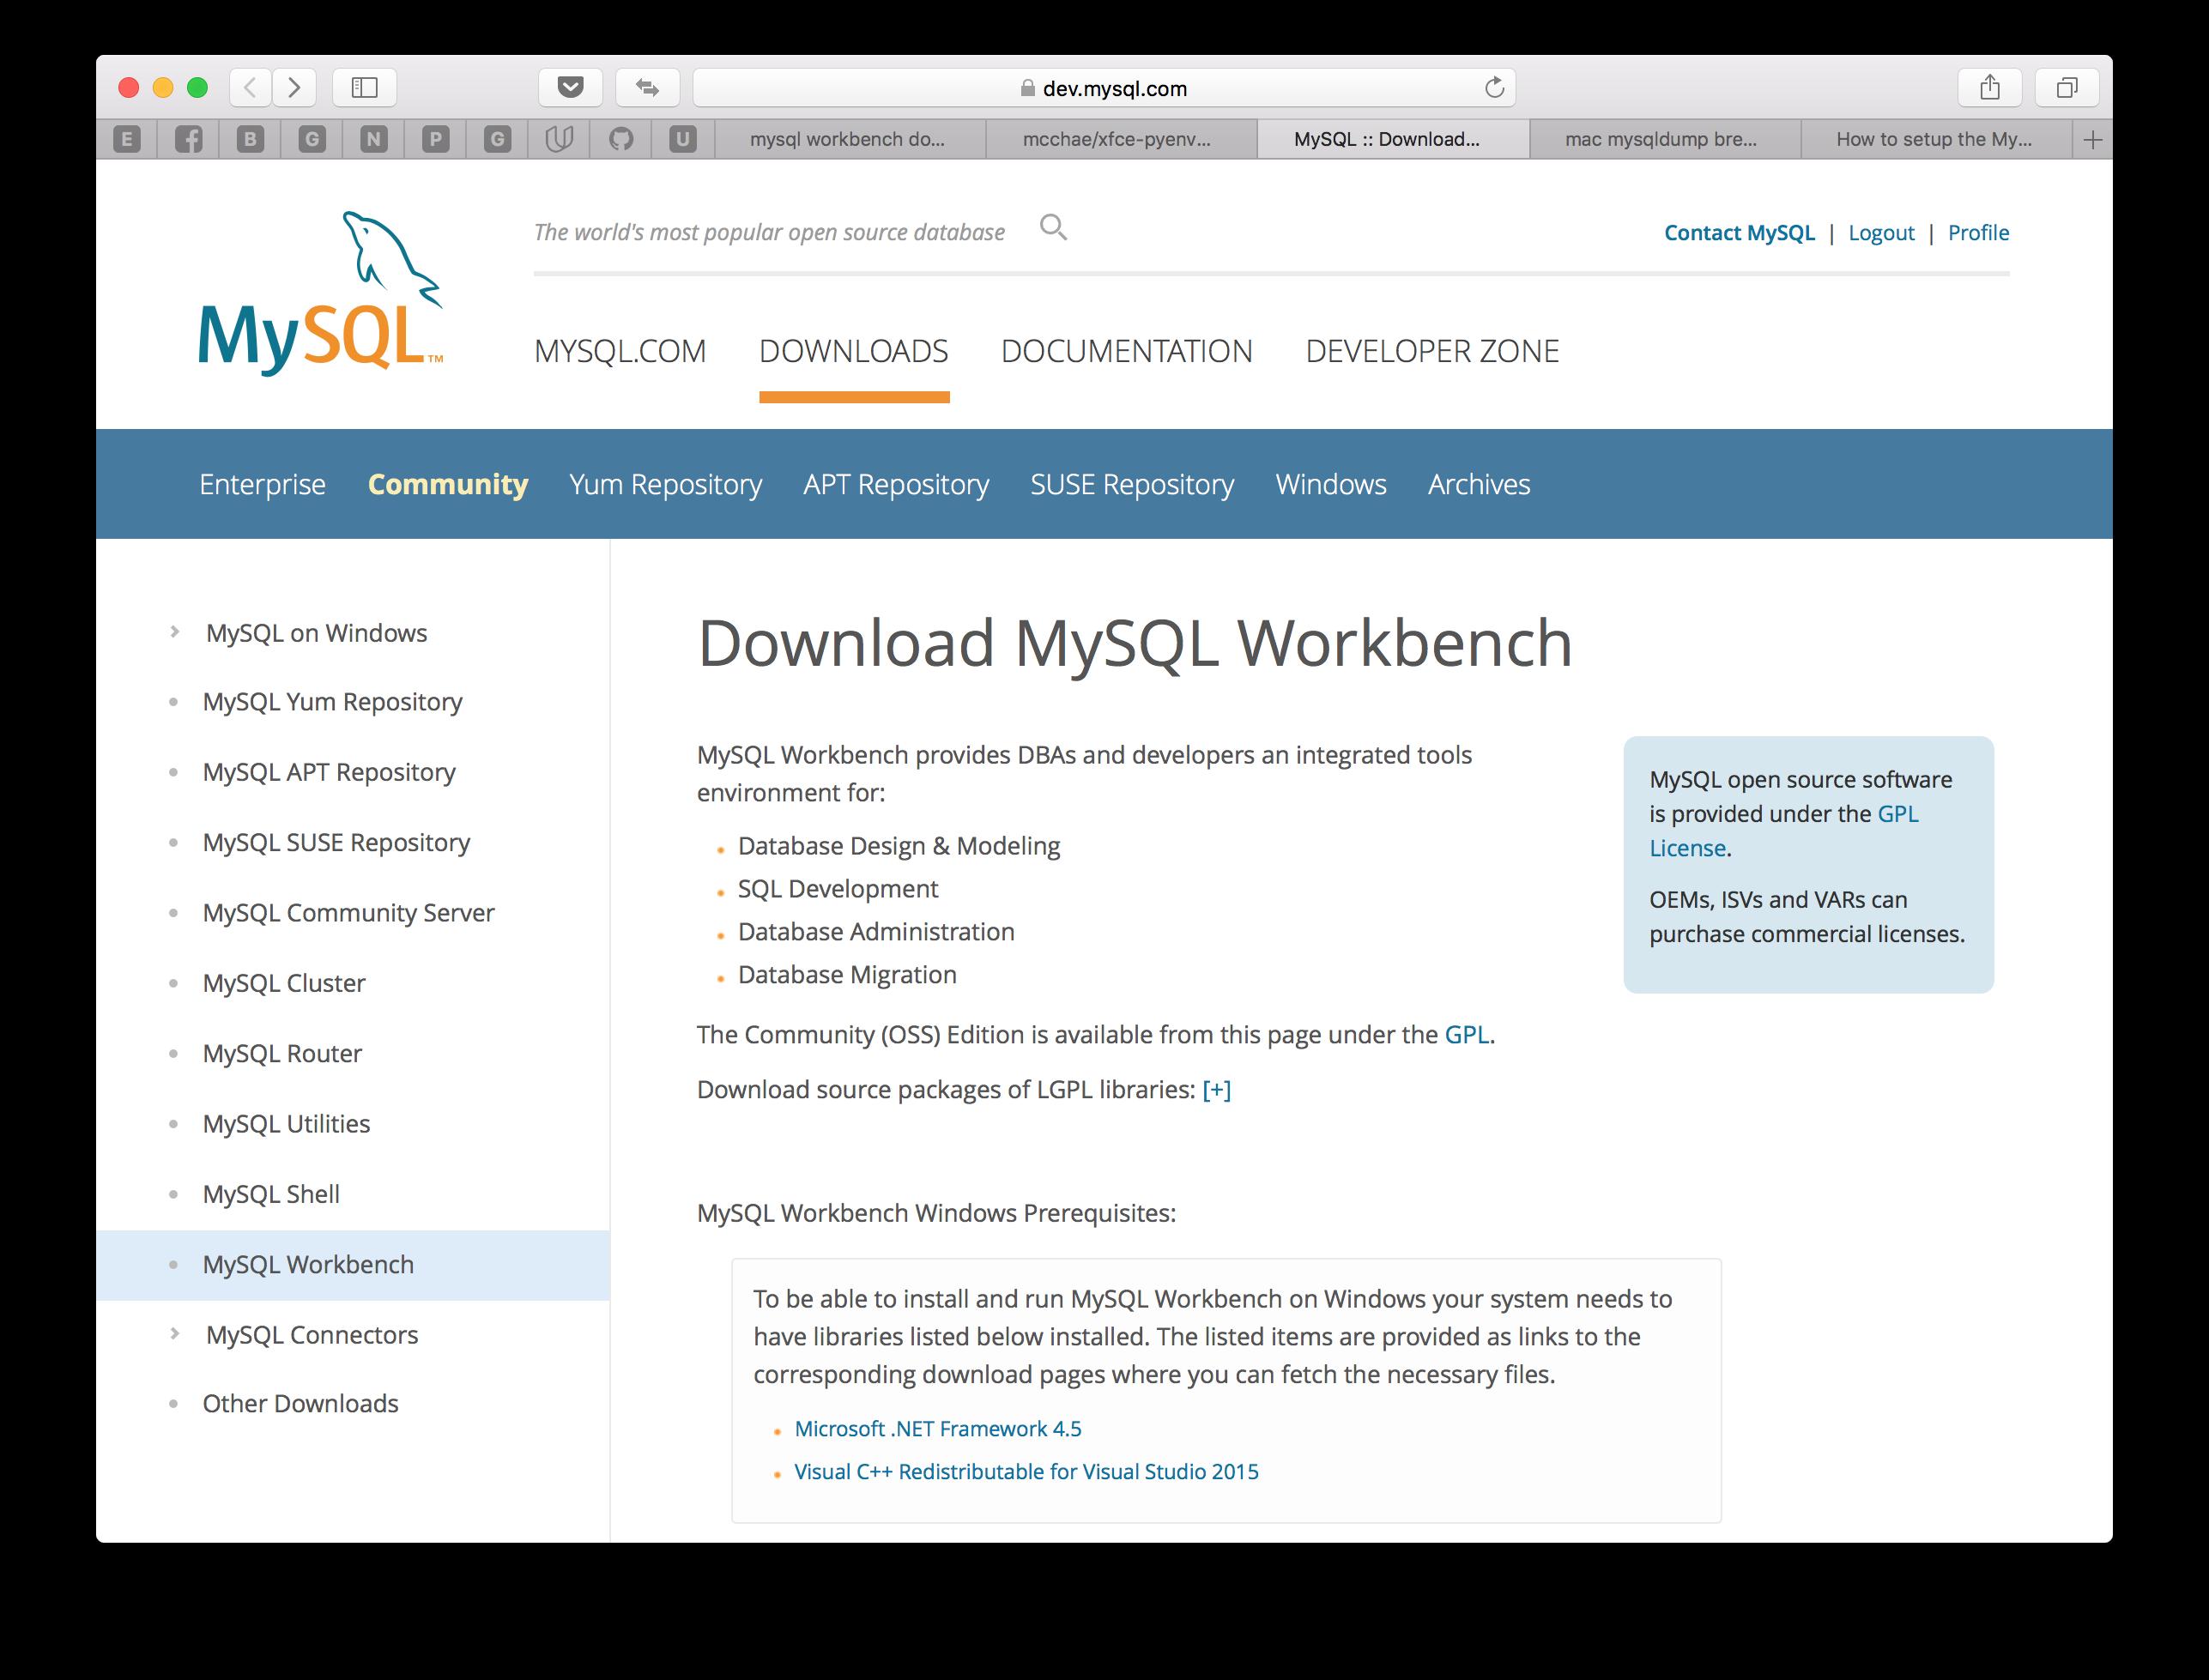 [Mac] mysql 및 mysqldump 명령어 설치하기